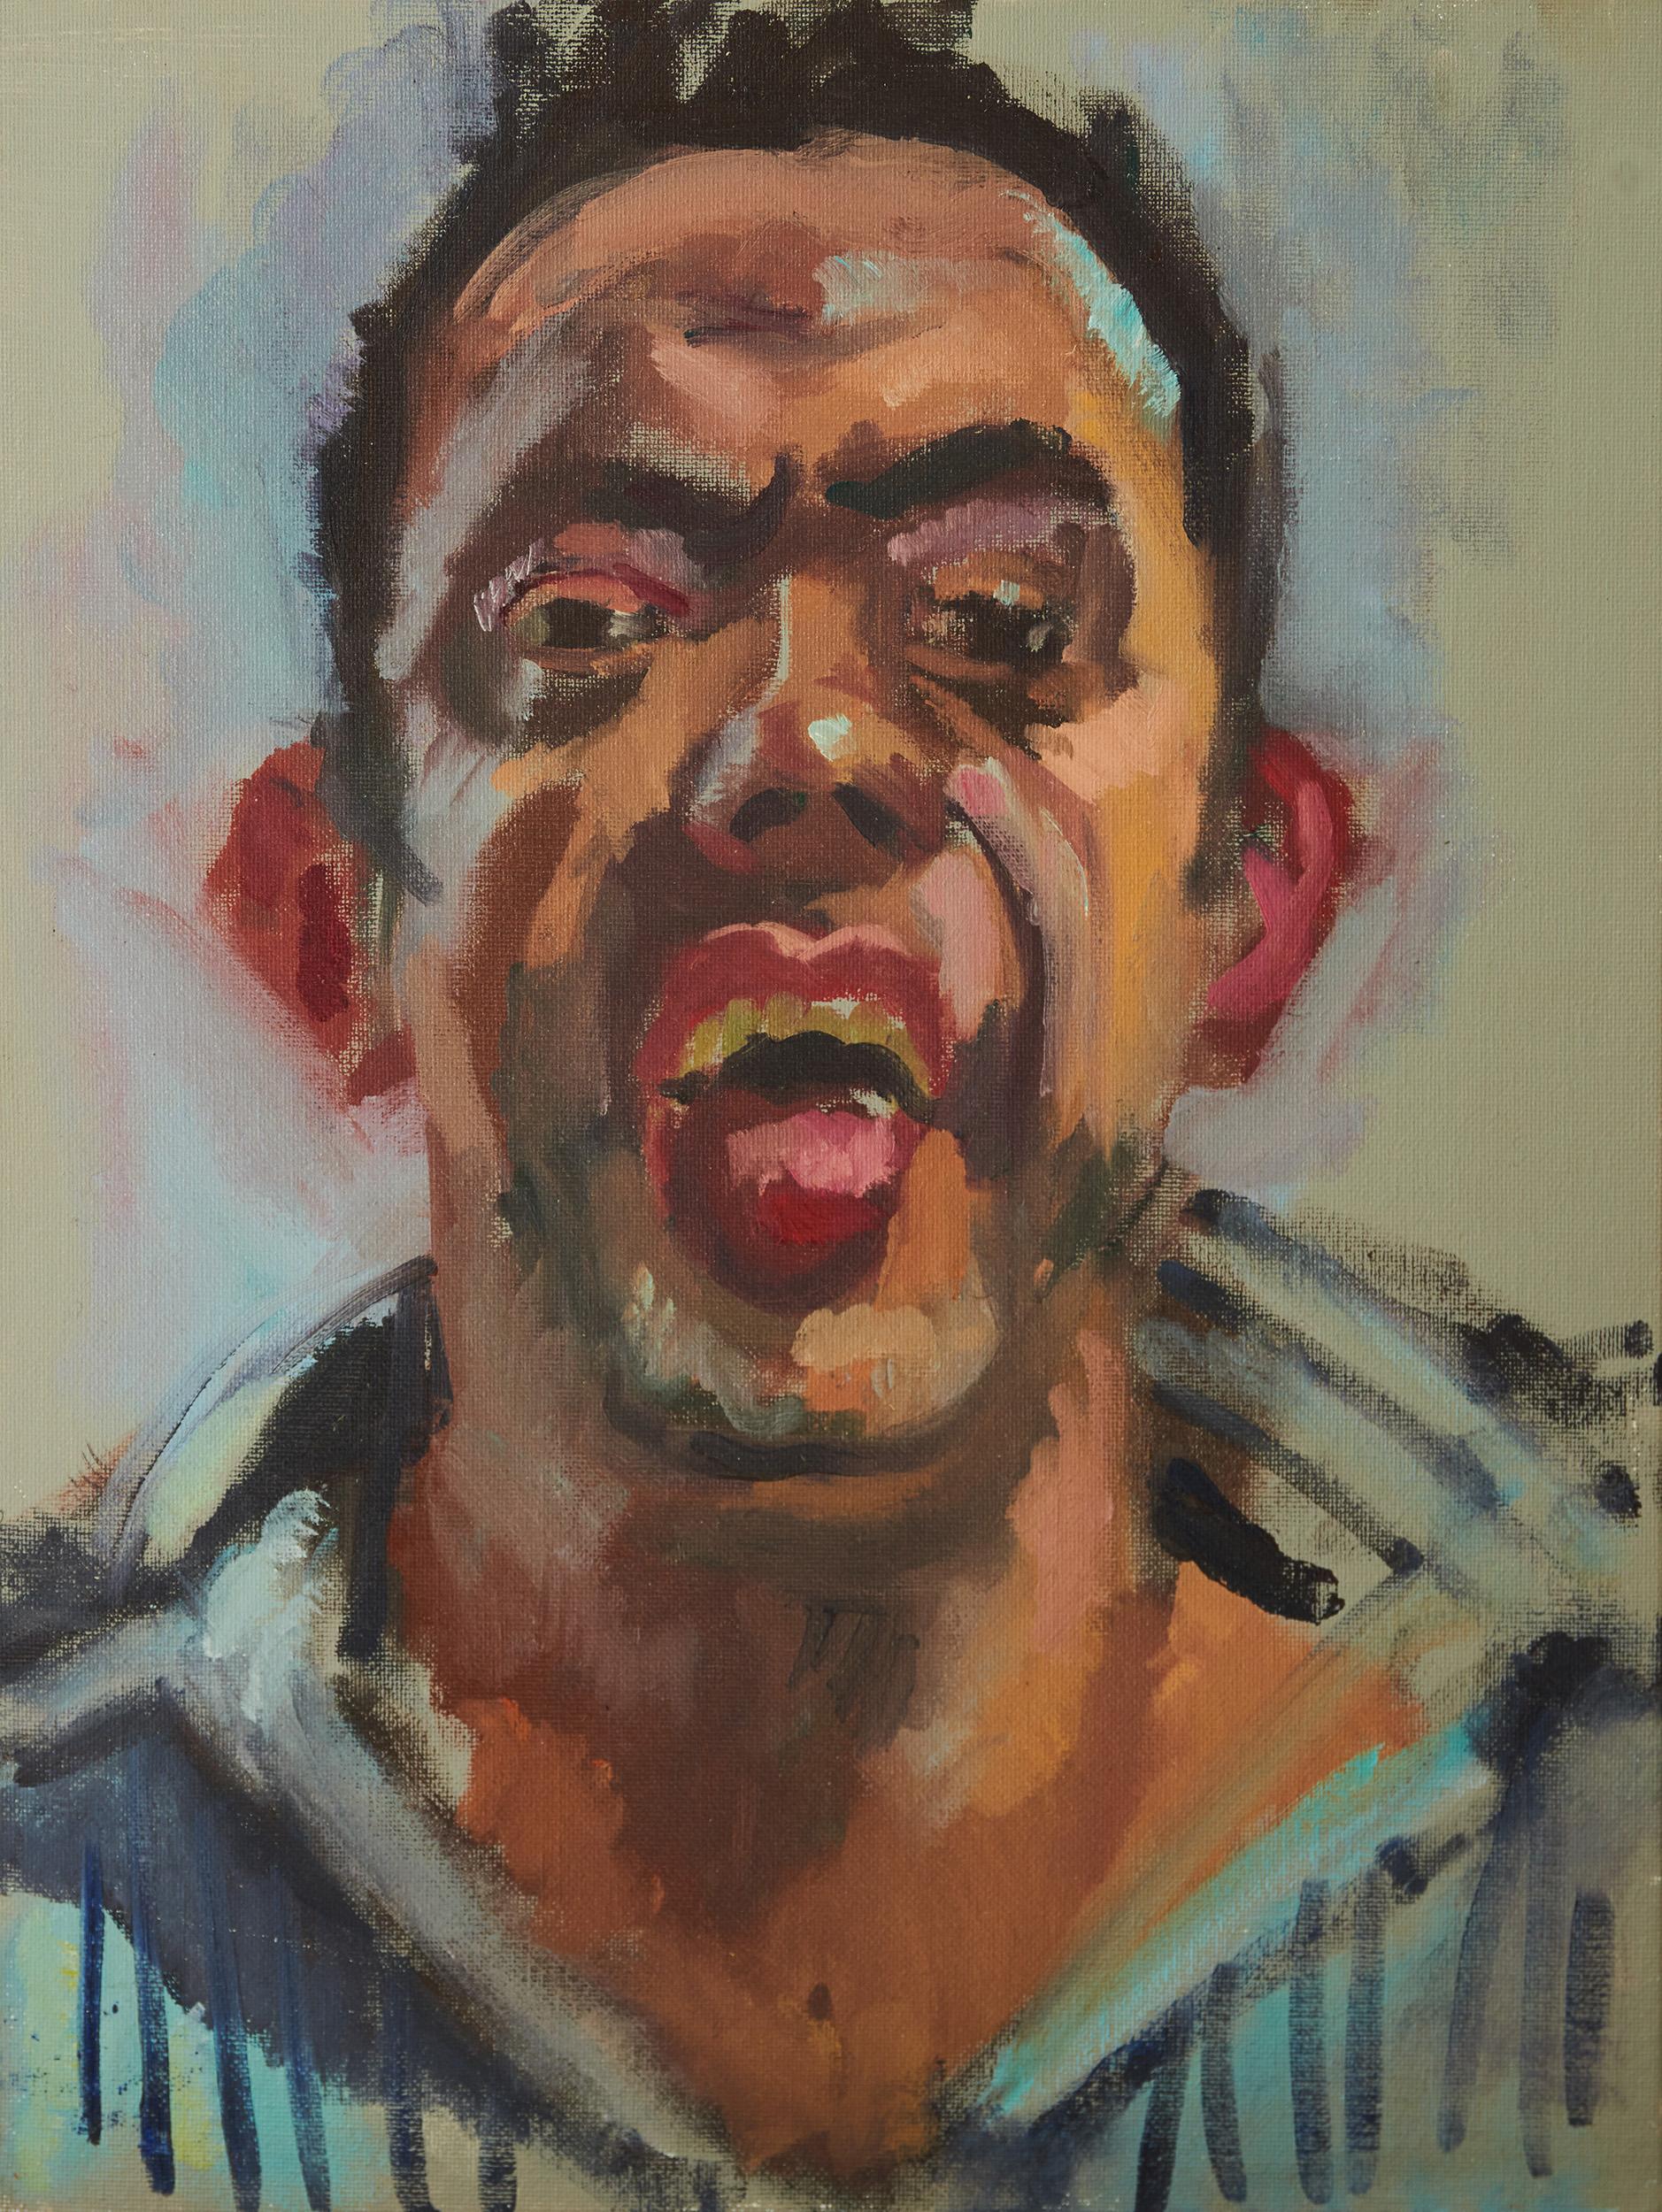 Self Portrait, Tongue Out